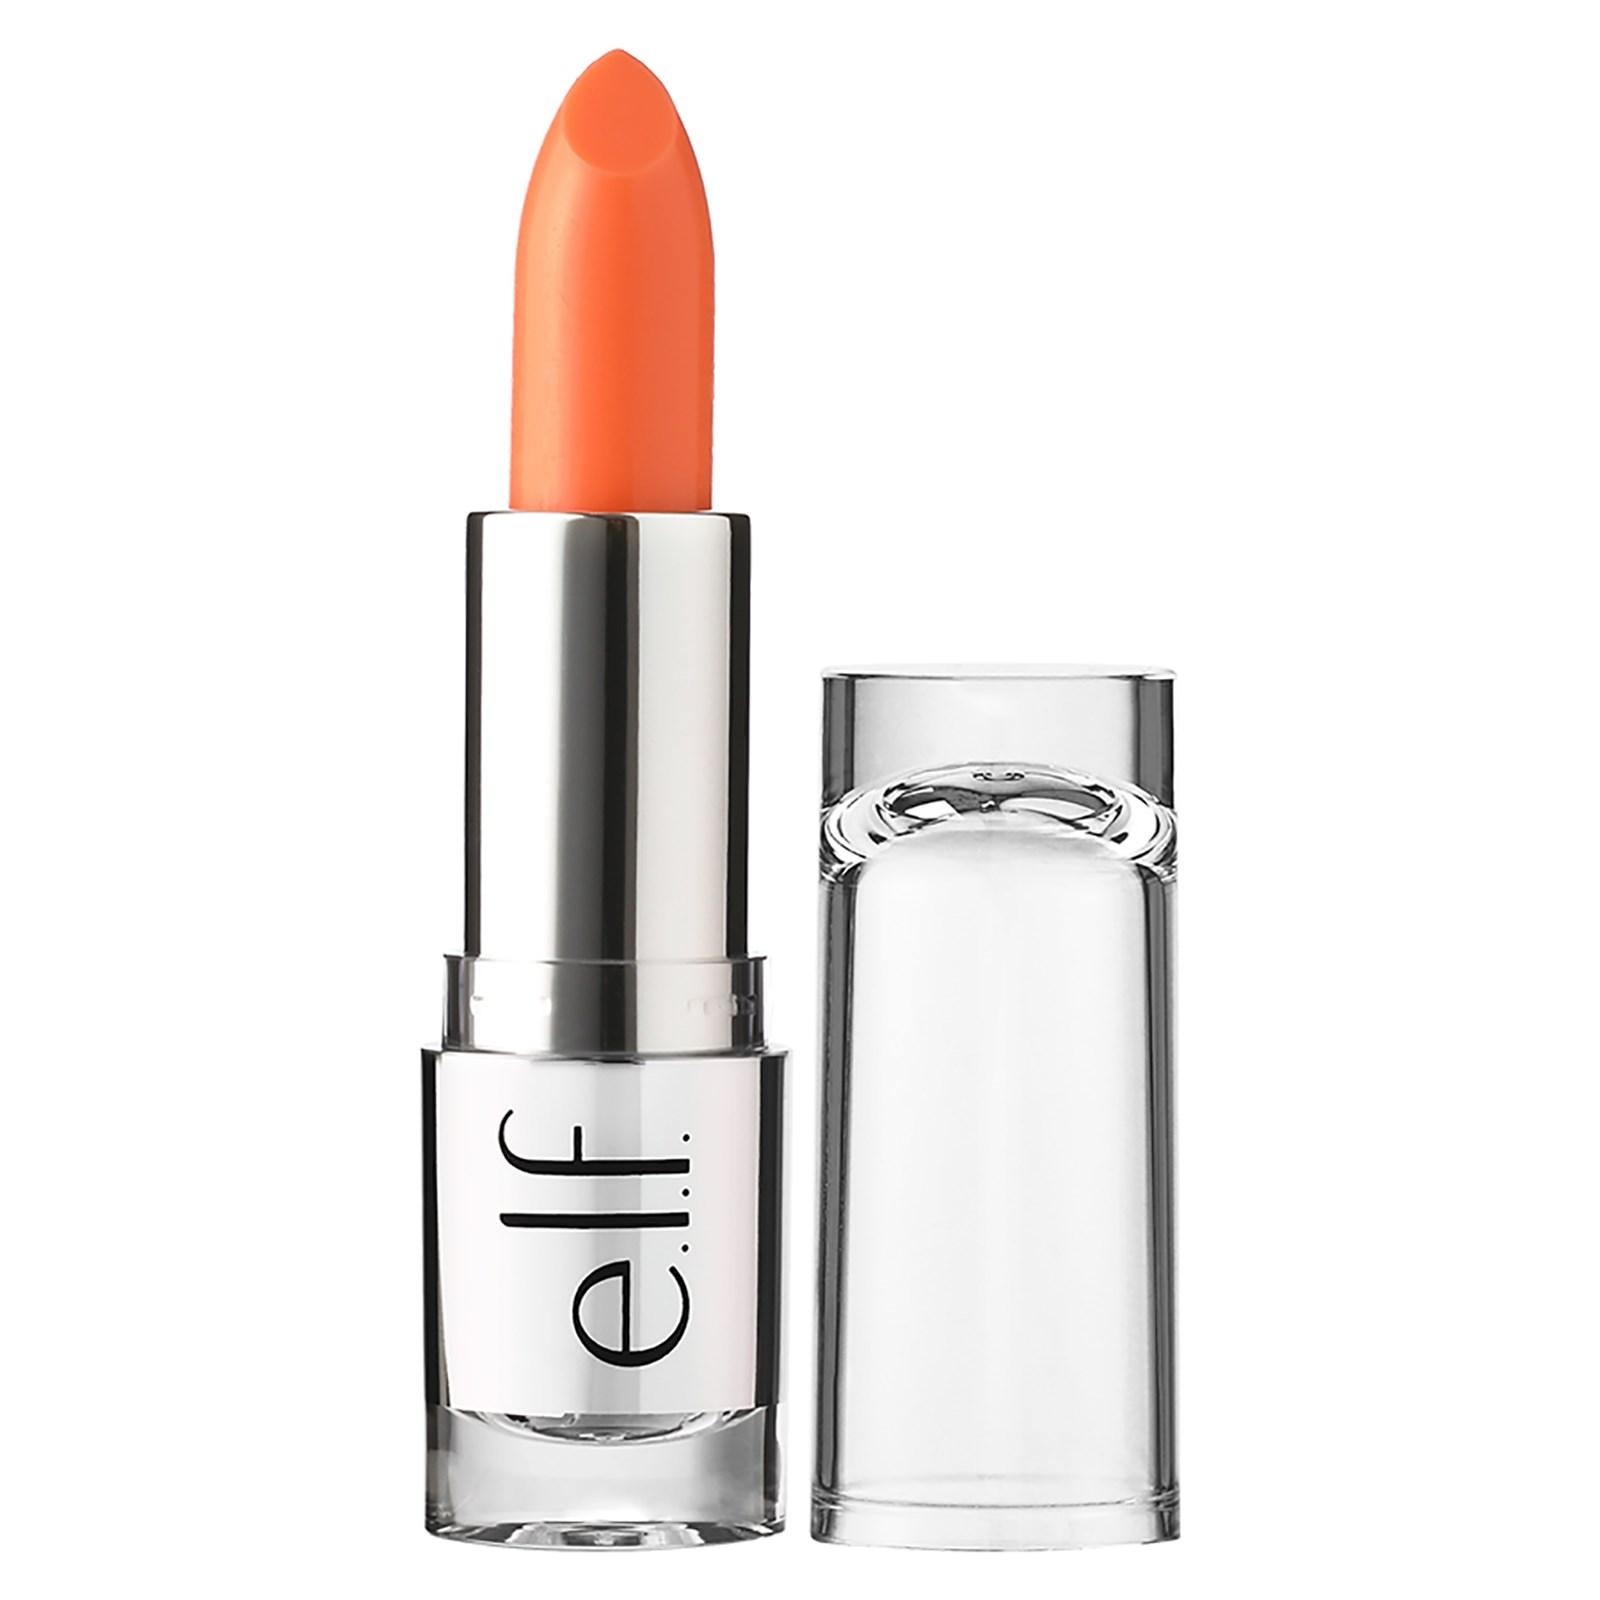 E.L.F. Cosmetics, Gotta Glow Помада для губ, Идеальный персик, 0,13 унции (3,8 г)